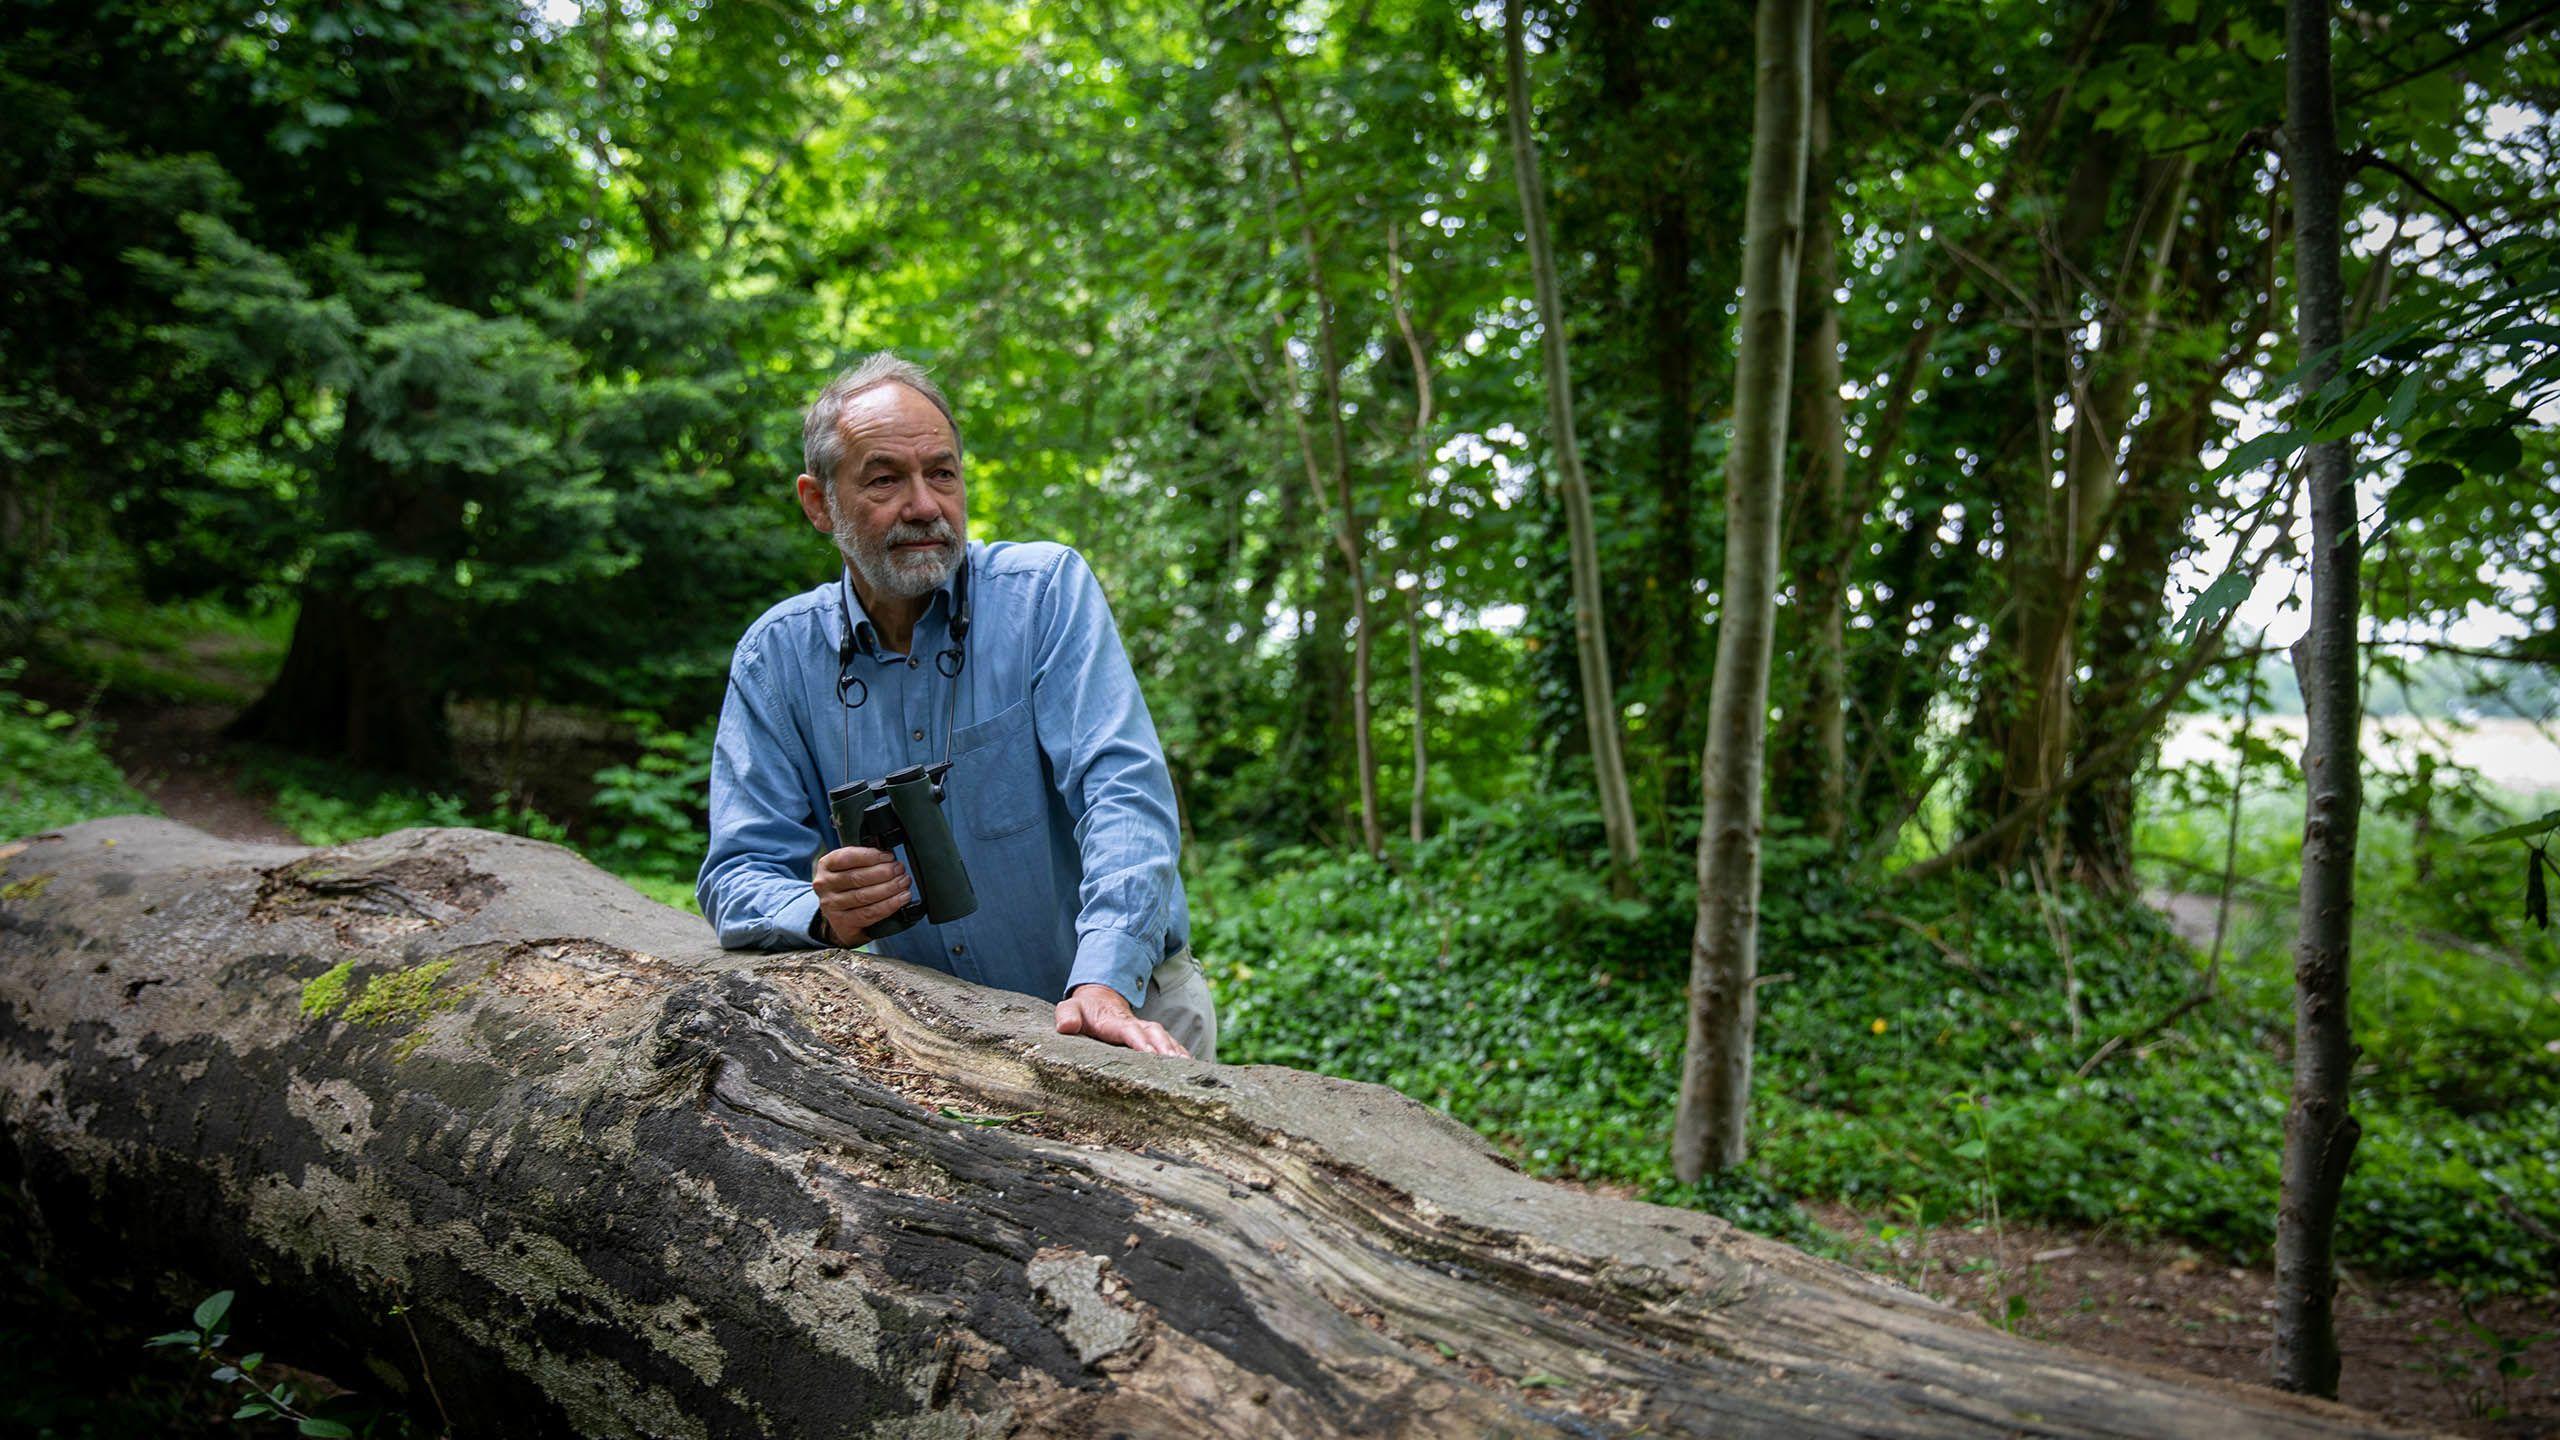 Bill leaning on fallen tree trunk